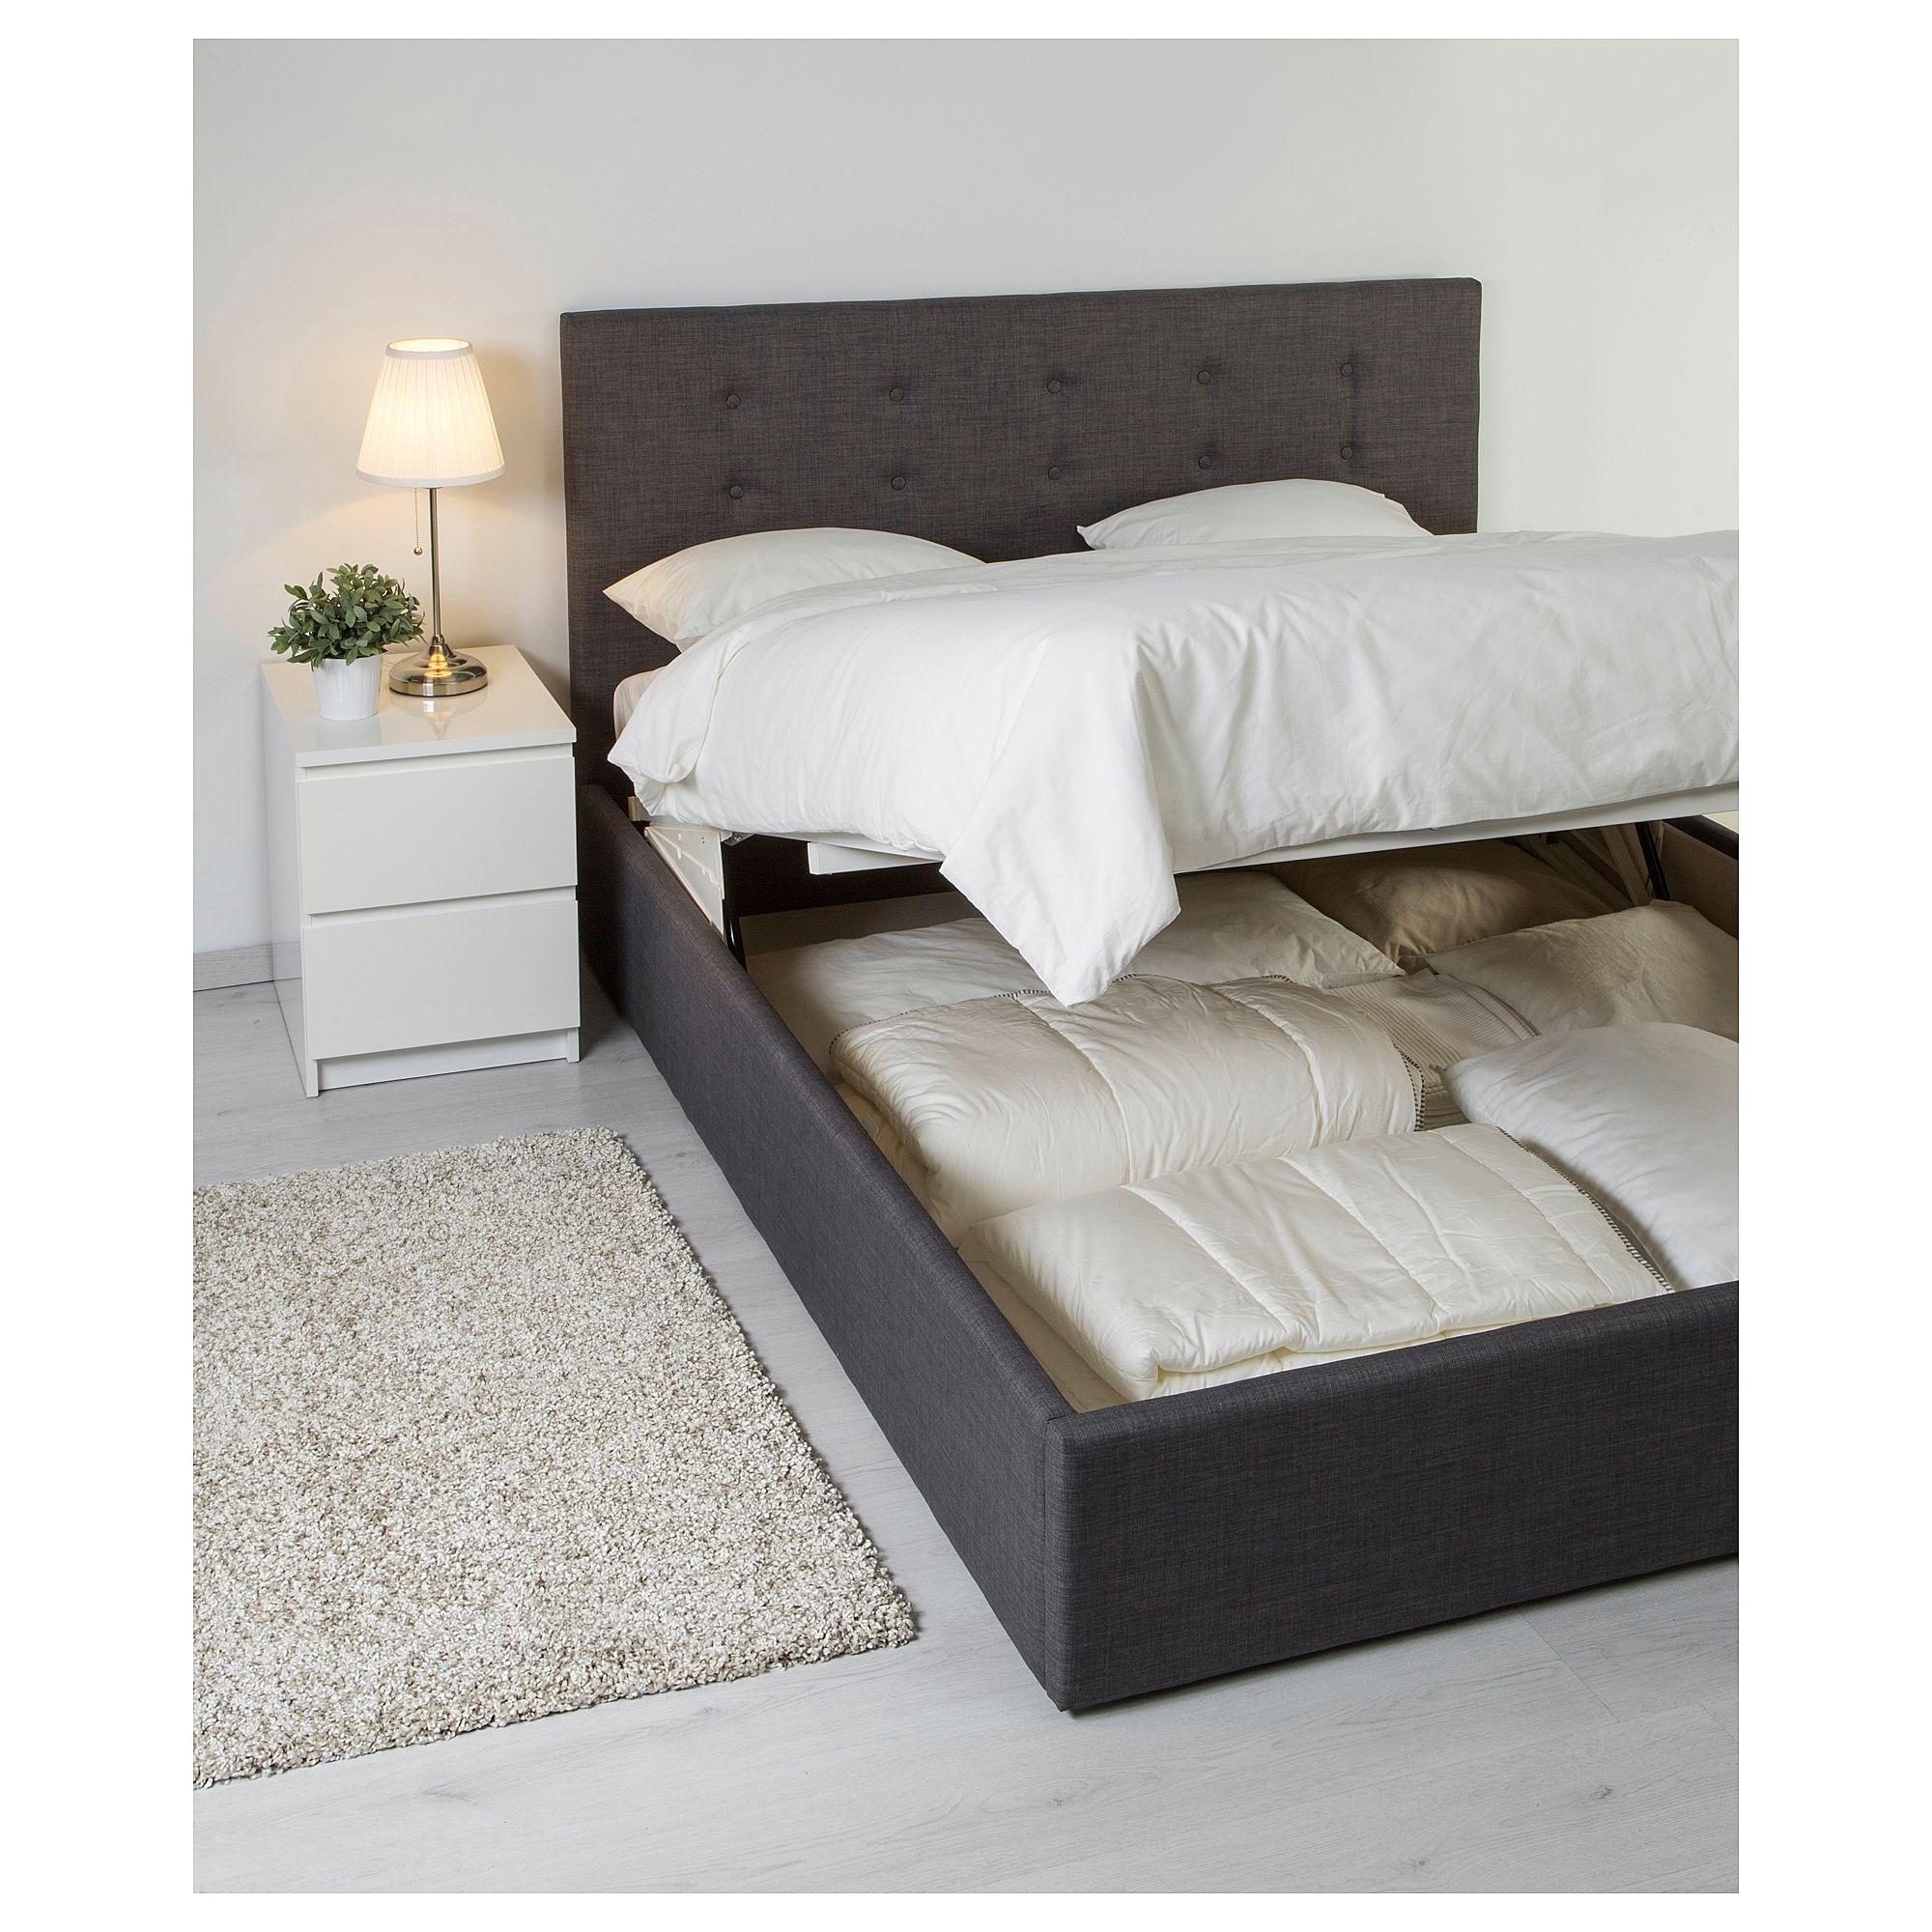 Mobel Einrichtungsideen Fur Dein Zuhause Bettgestell Bett Mit Aufbewahrung Bett Ideen